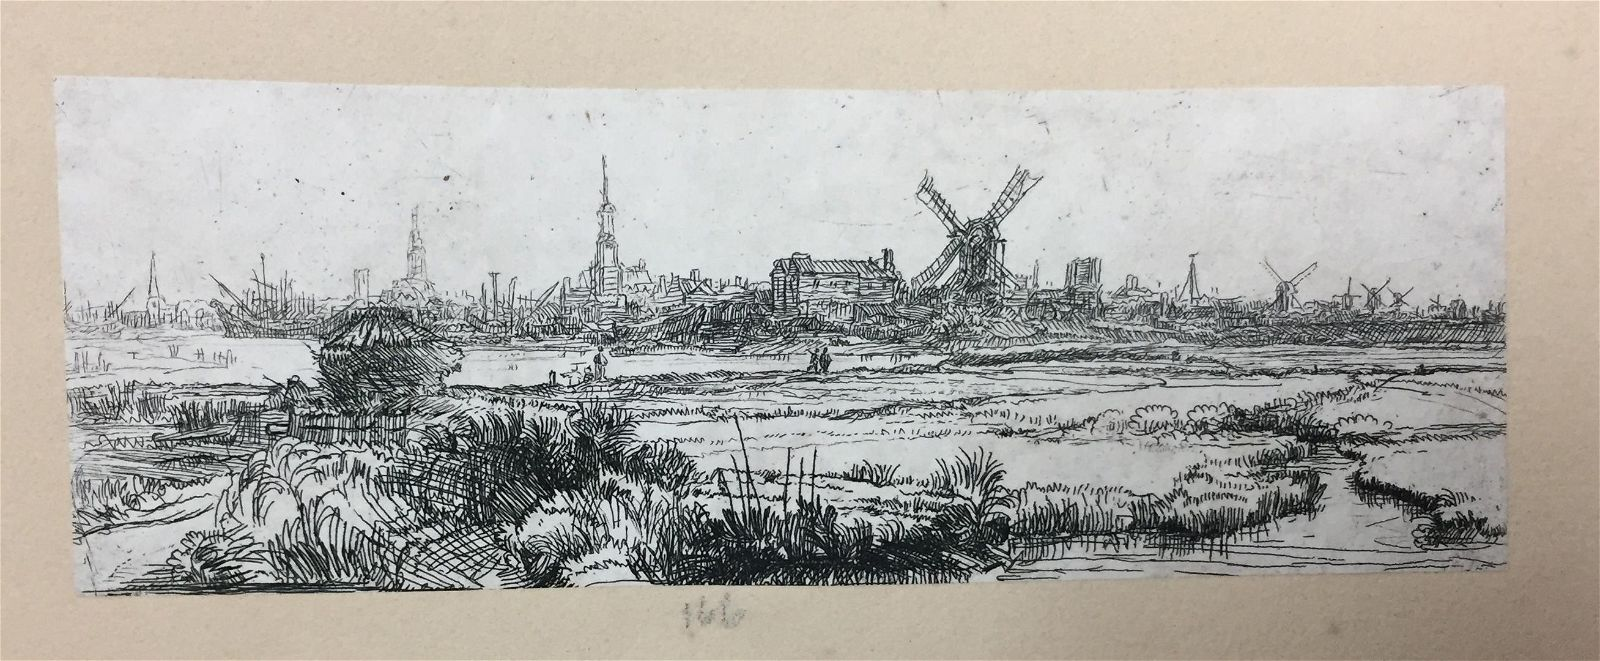 Rembrandt van Rijn - A View of Amsterdam